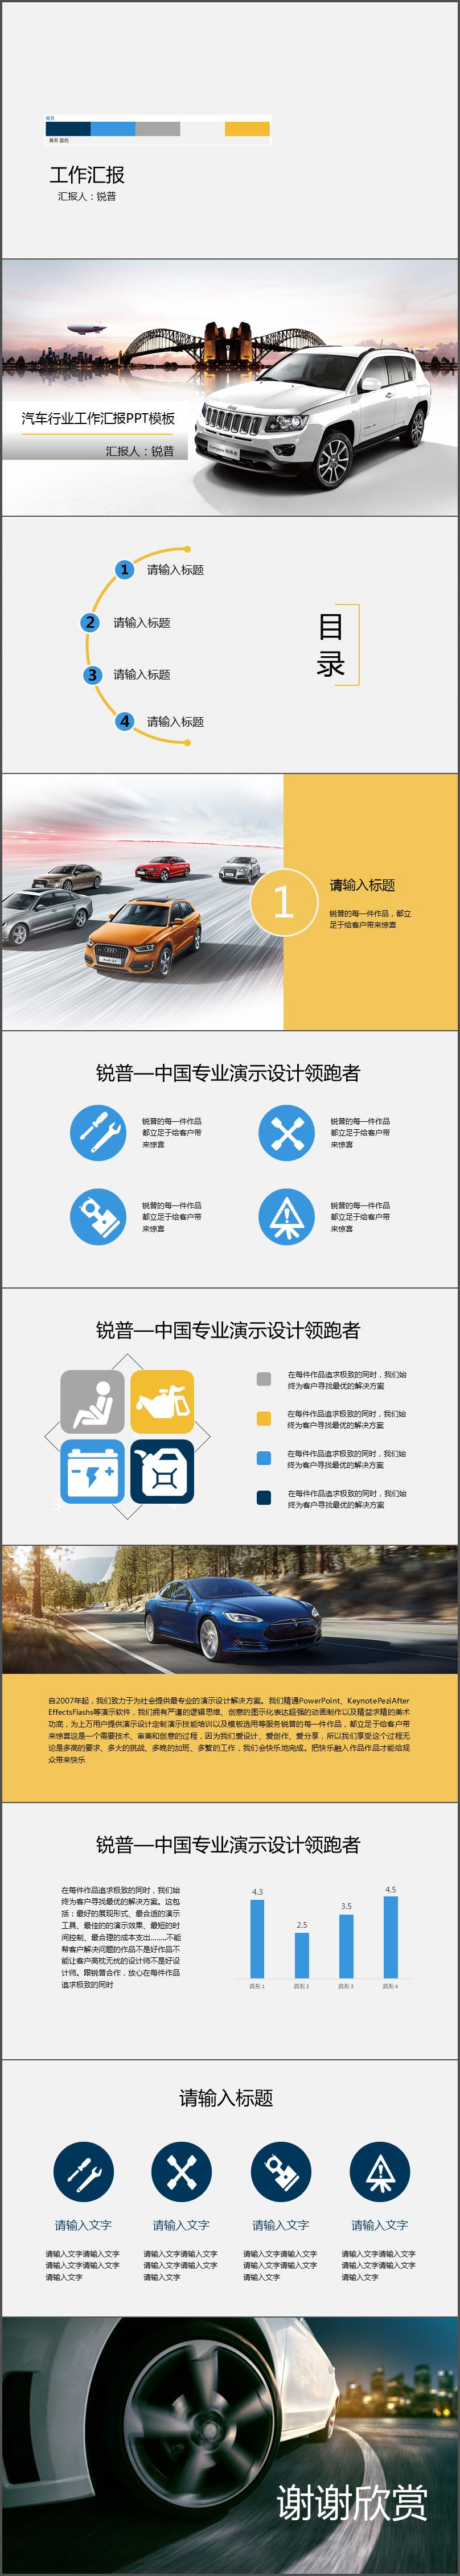 汽车行业ppt模板|文案/策划|其他|小小爿树